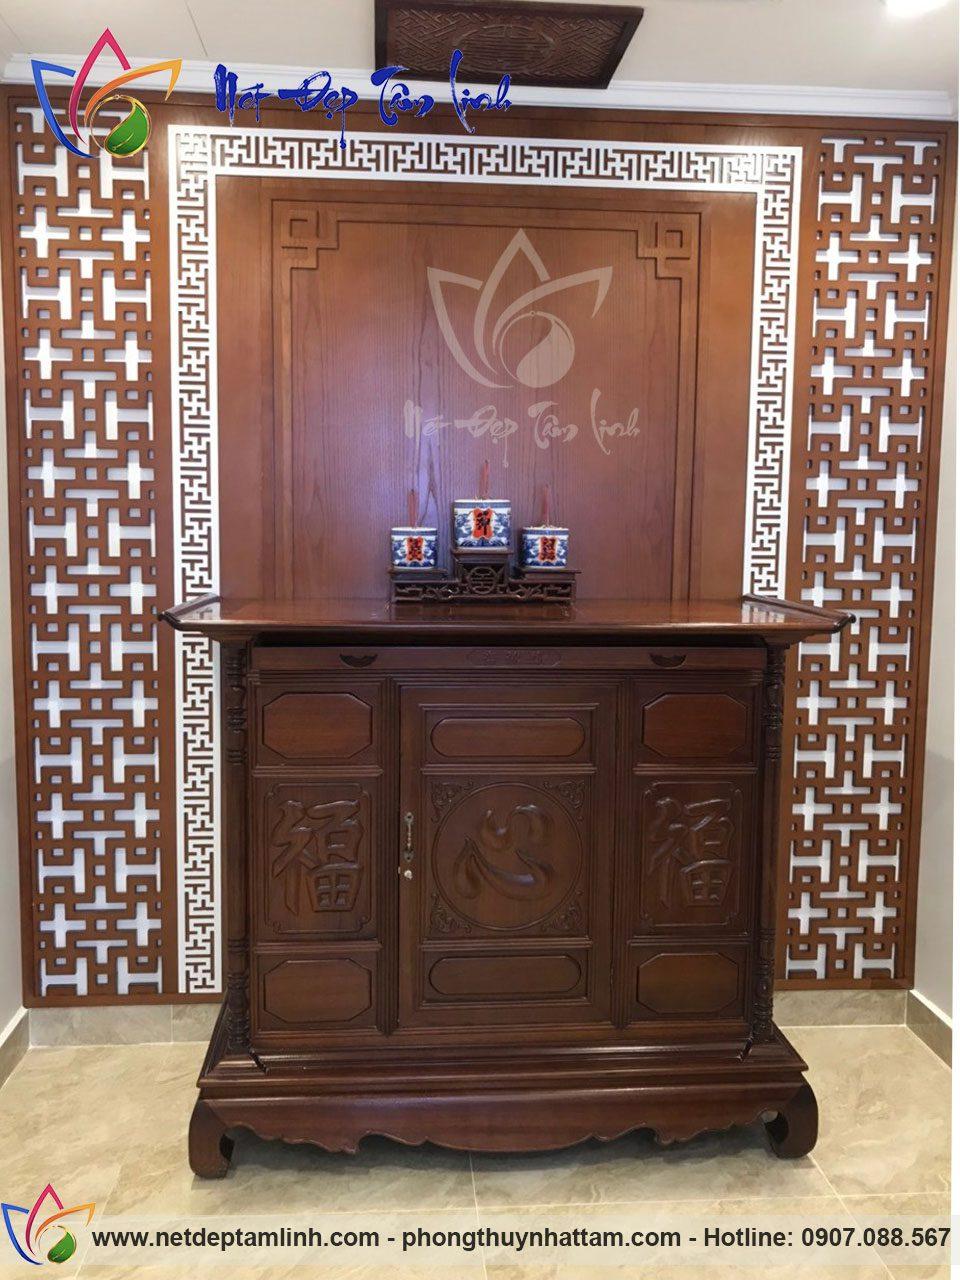 Mẫu tủ thờ đẹp tại đà nẵng